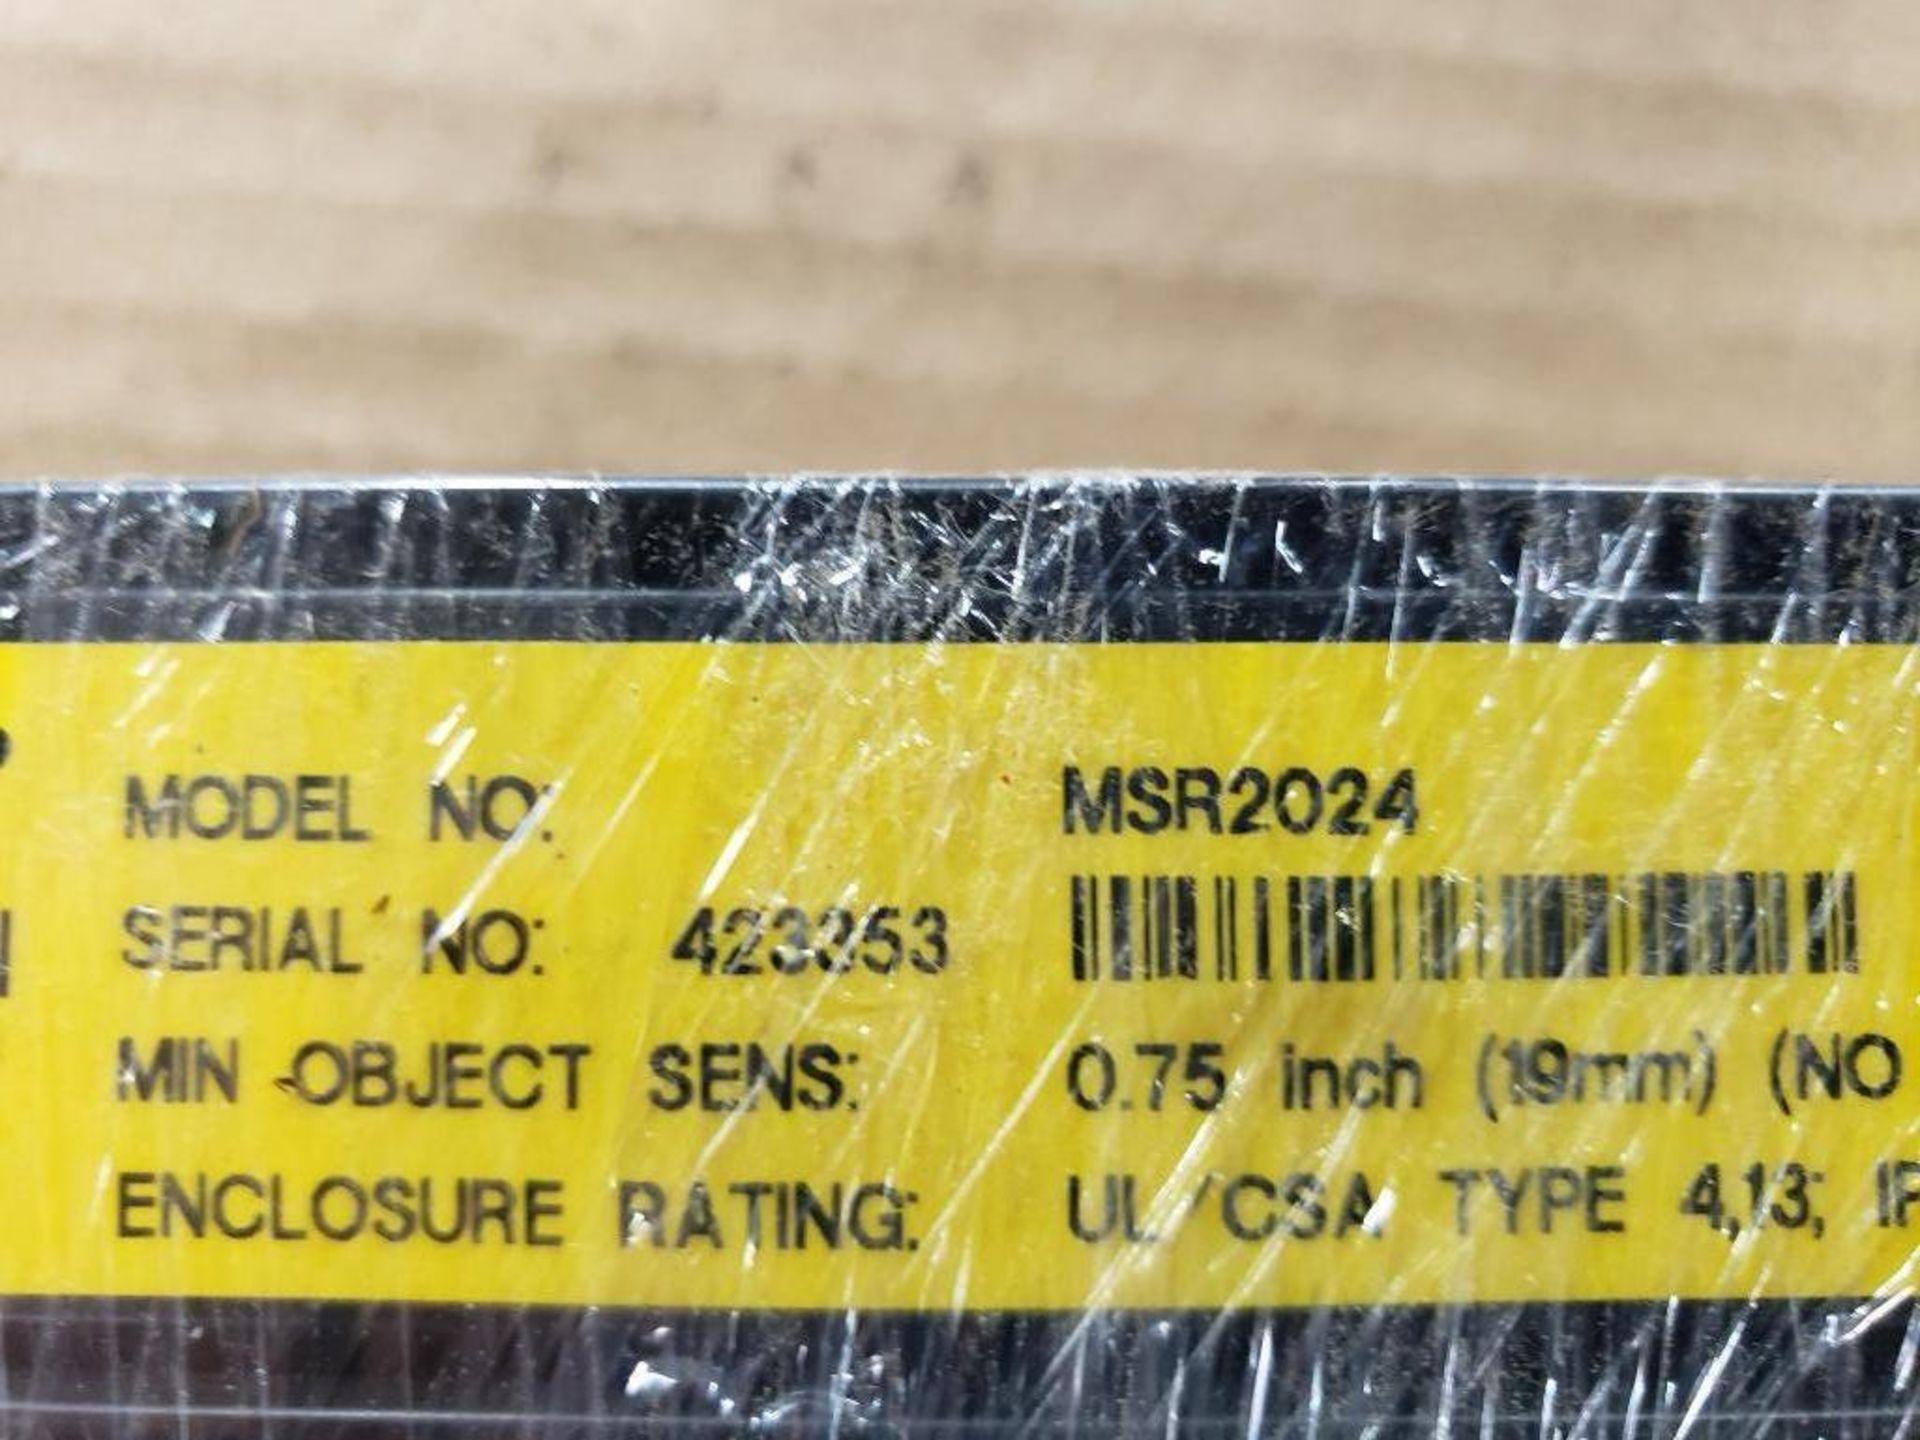 Banner Light curtain transmitter / receiver set. MSE1624, MSR2024. - Image 3 of 7